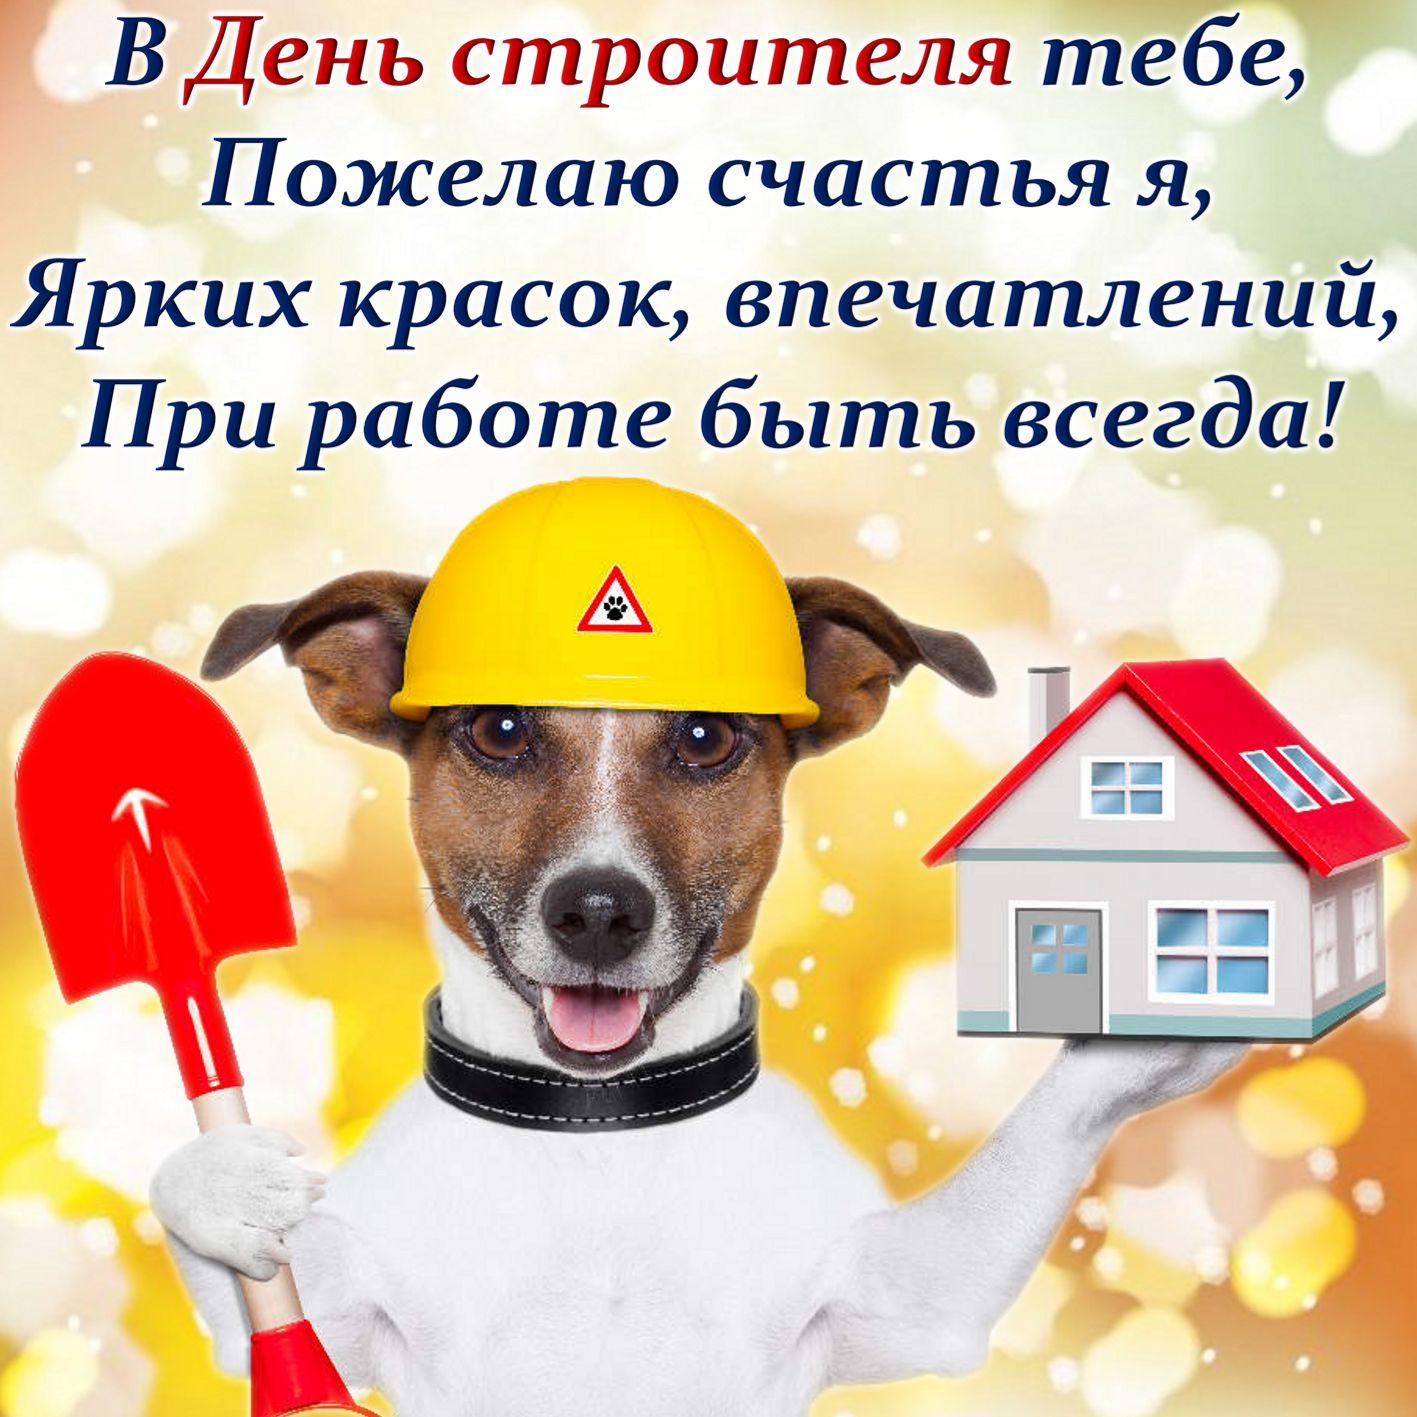 Открытка на День строителя - собачка в каске желает счастья